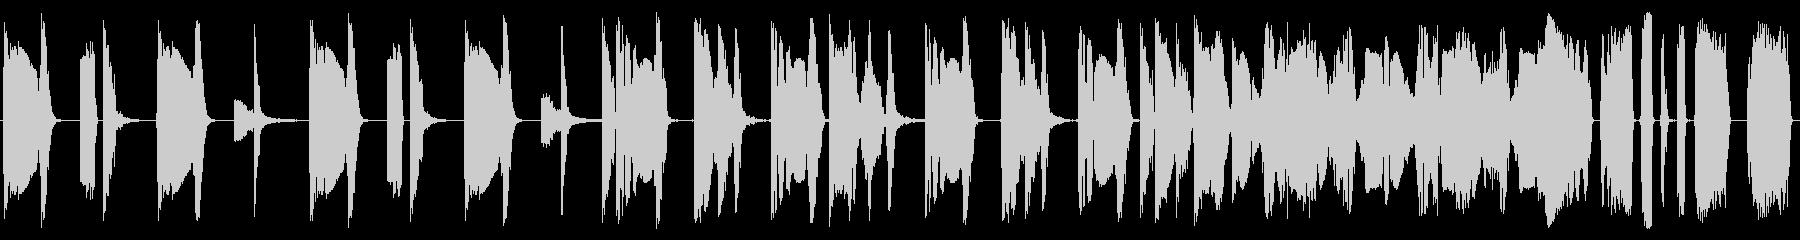 逆転した電子バンパーの未再生の波形